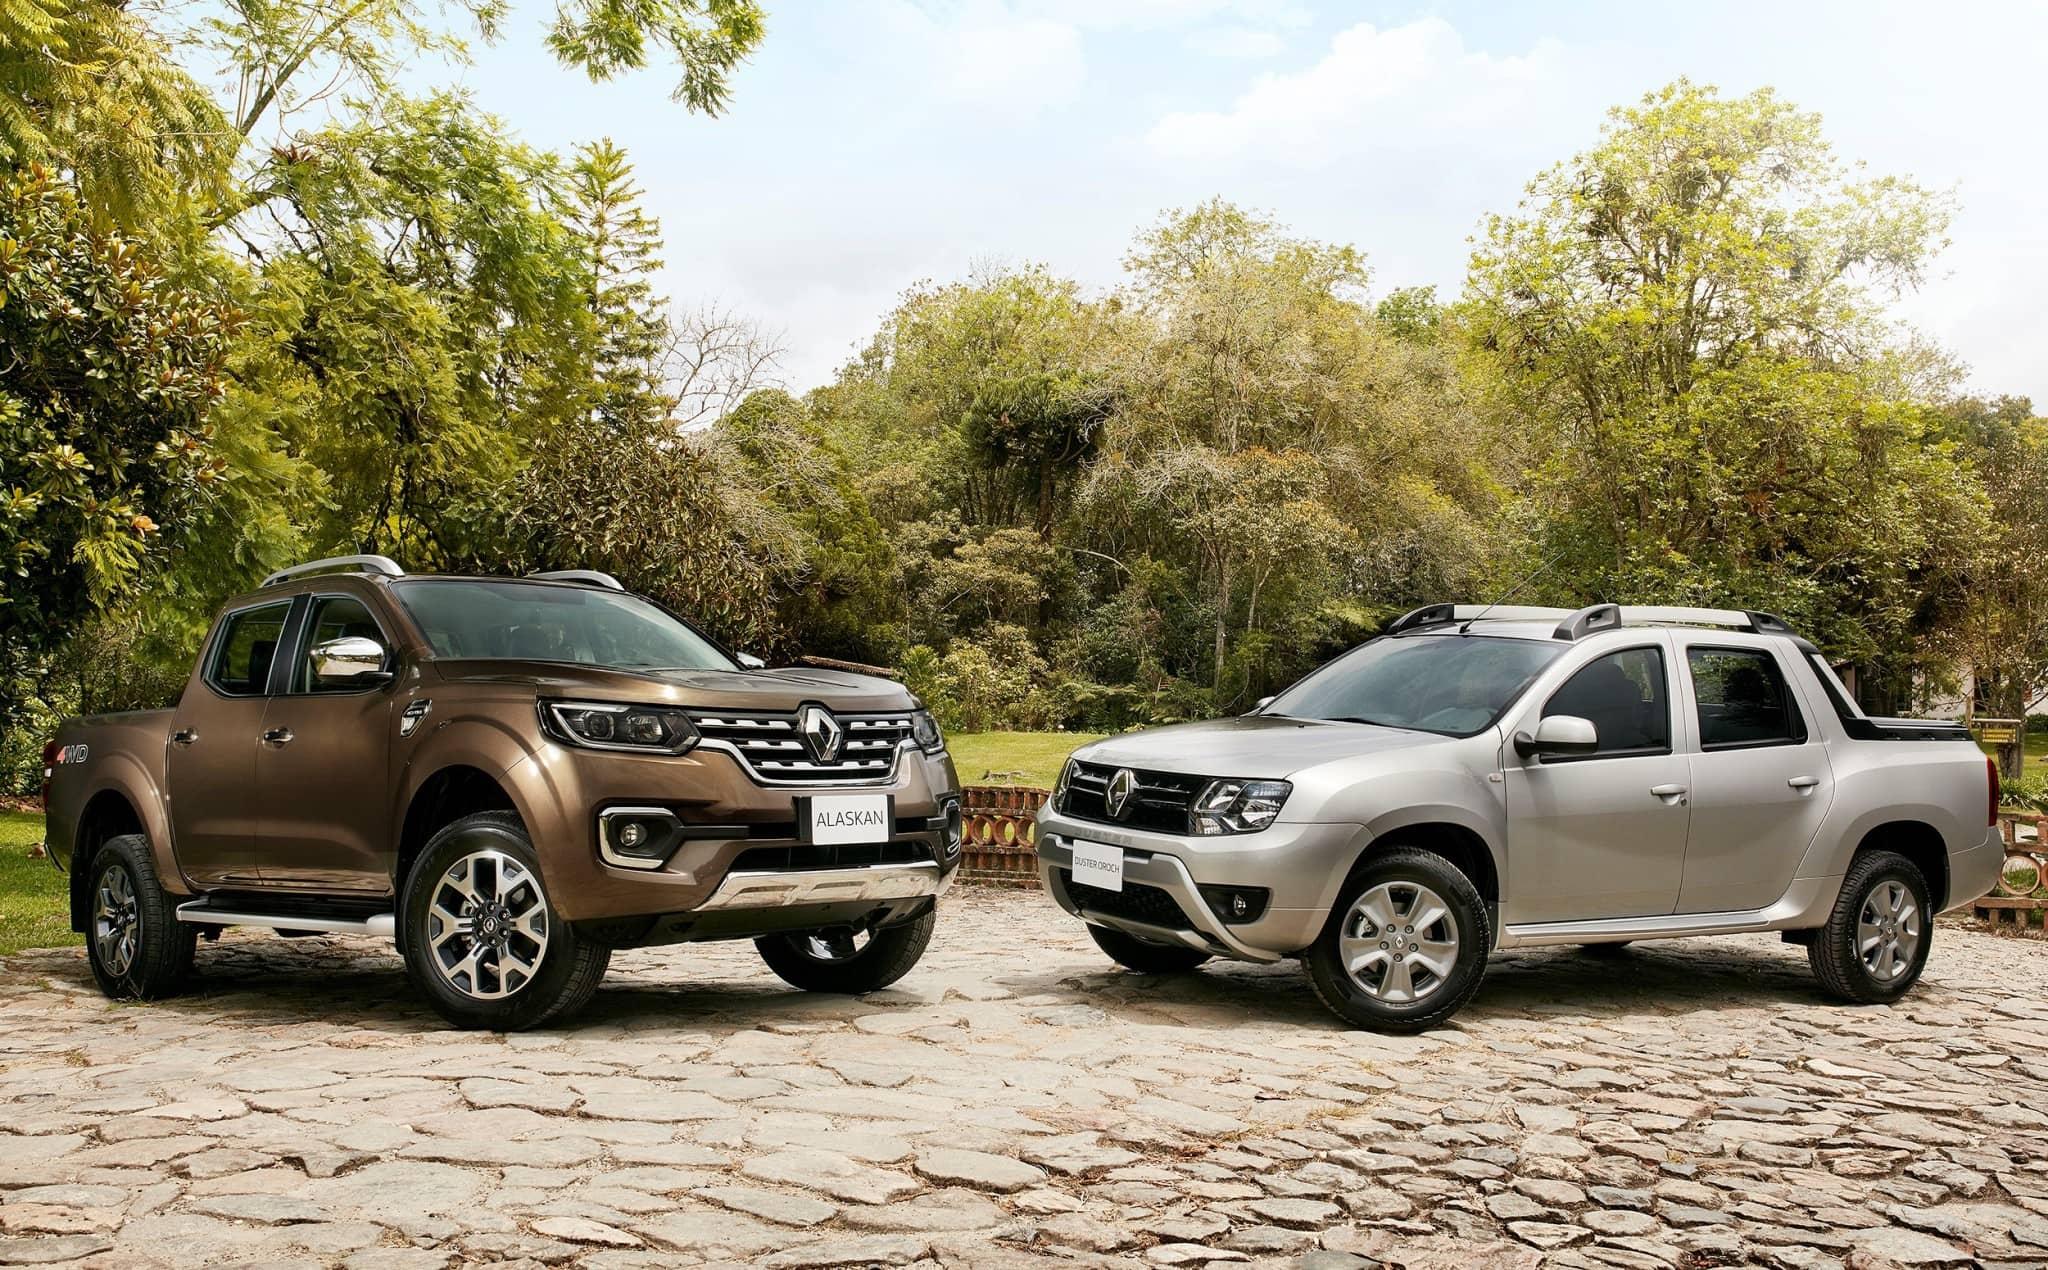 Renault_80150_global_en